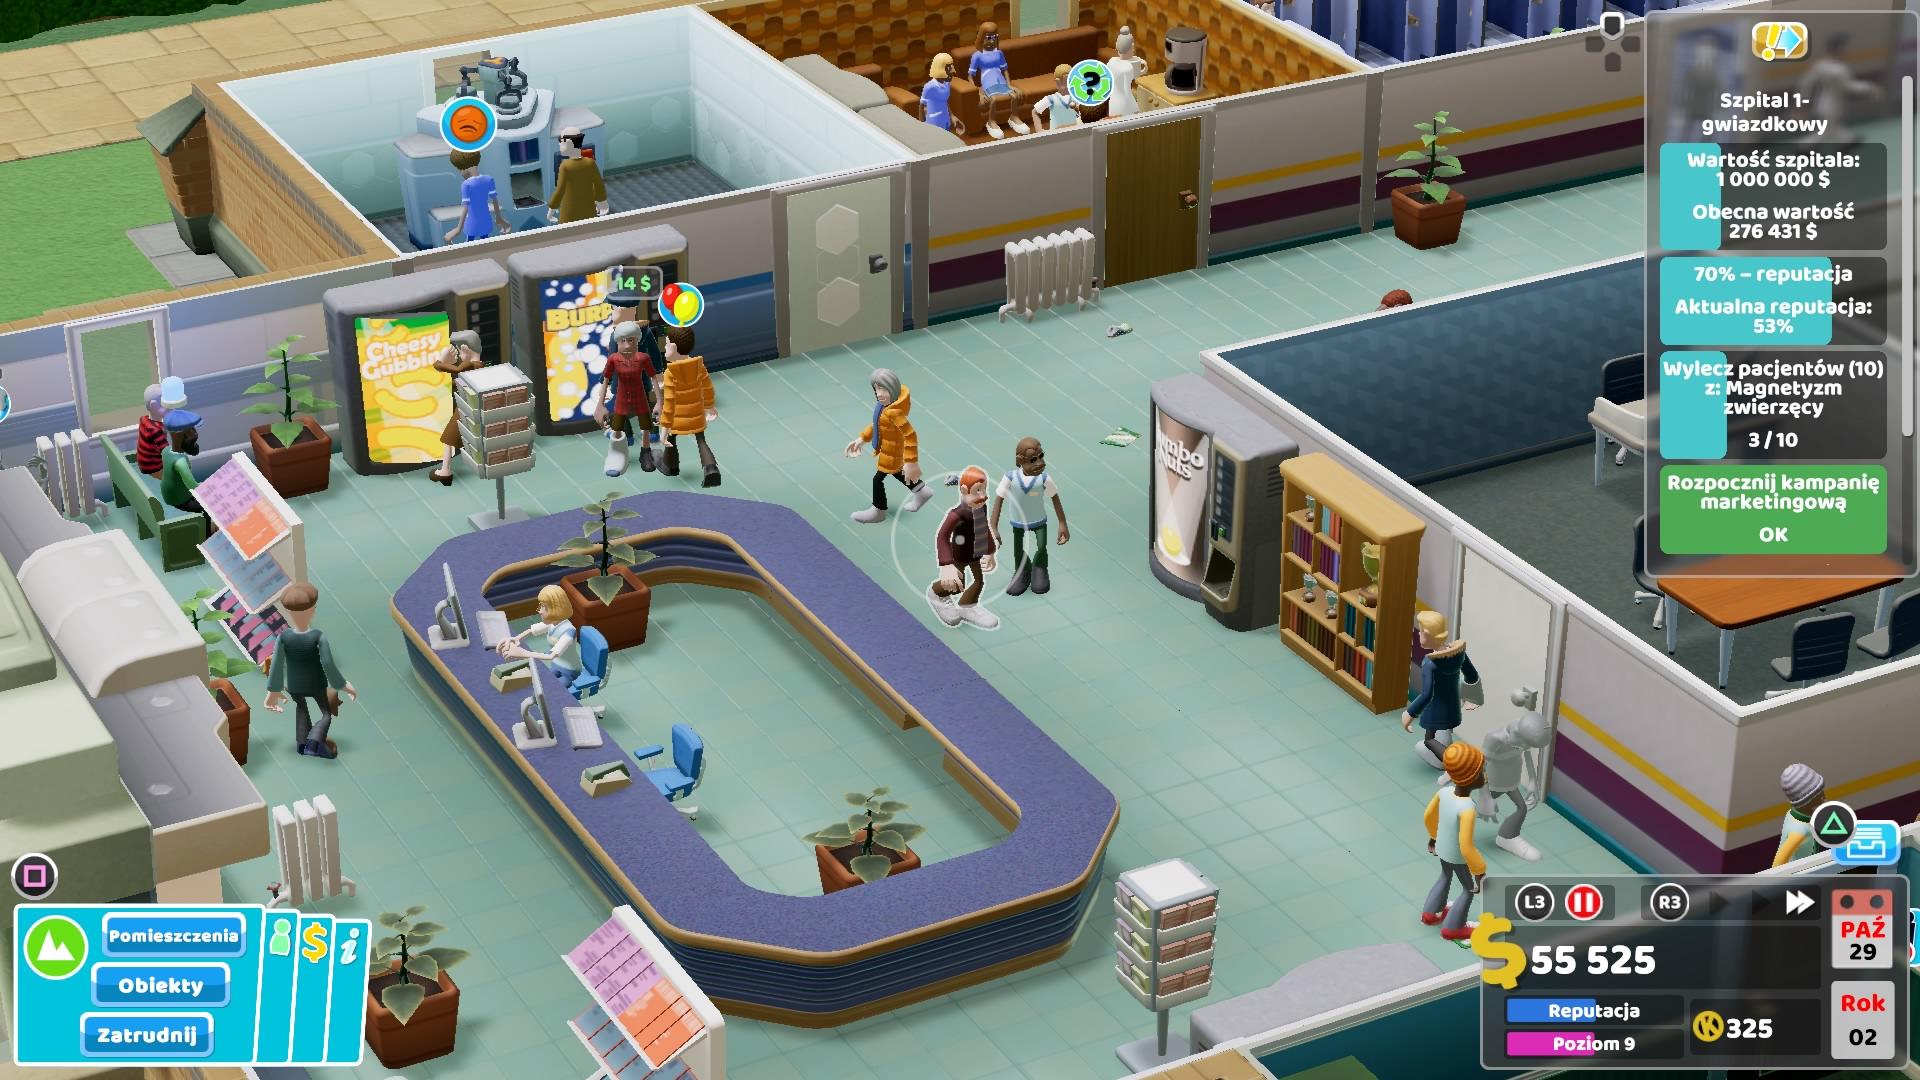 Szpital dla chorych inaczej - recenzja Two Point Hospital na PlayStation 4 19